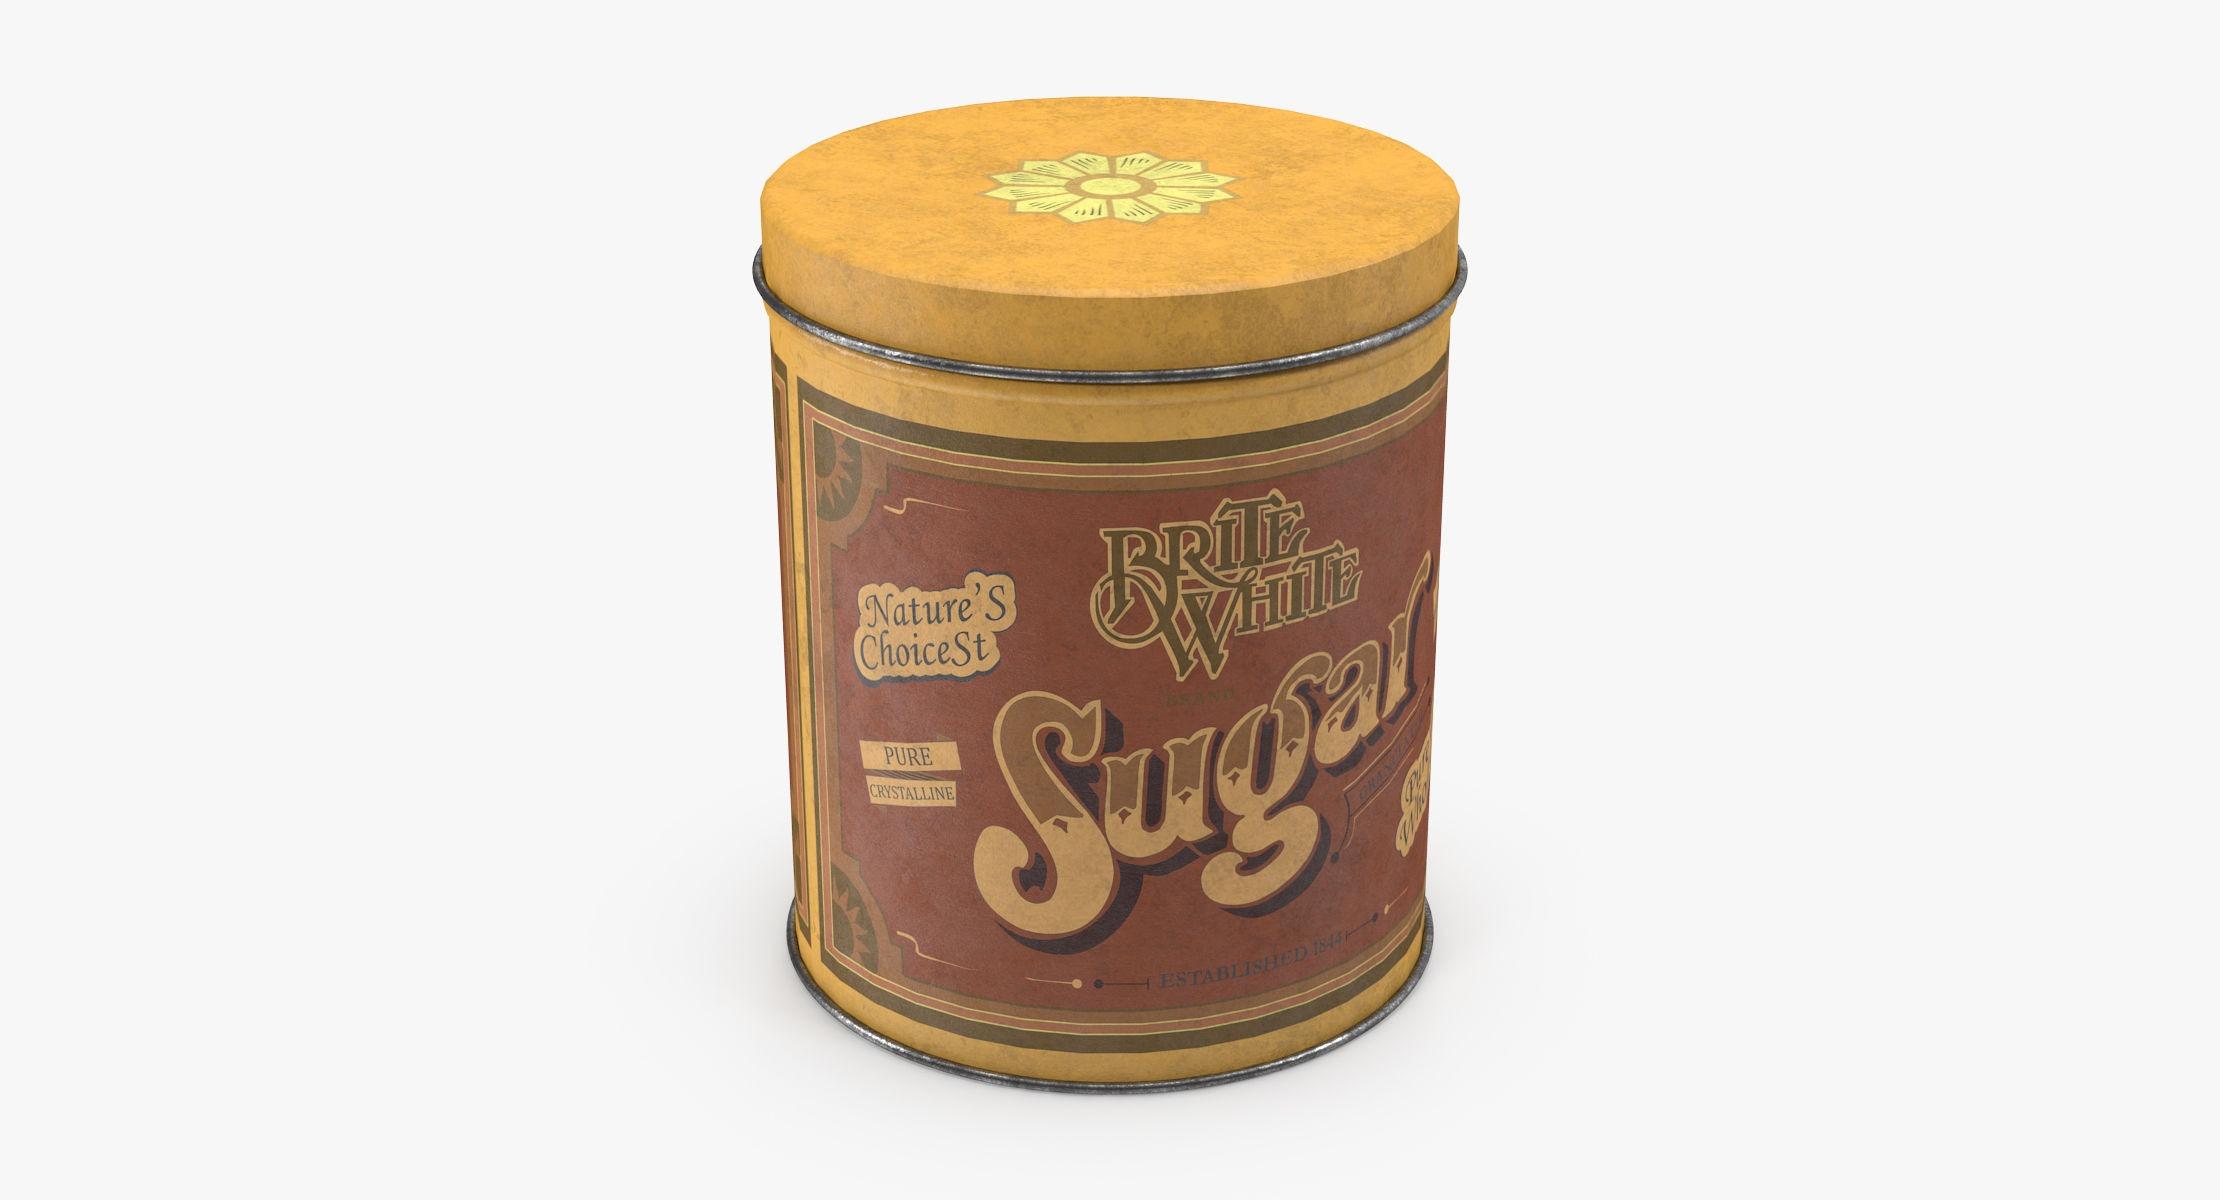 Vintage Metal Kitchen Tins Sugar - reel 1